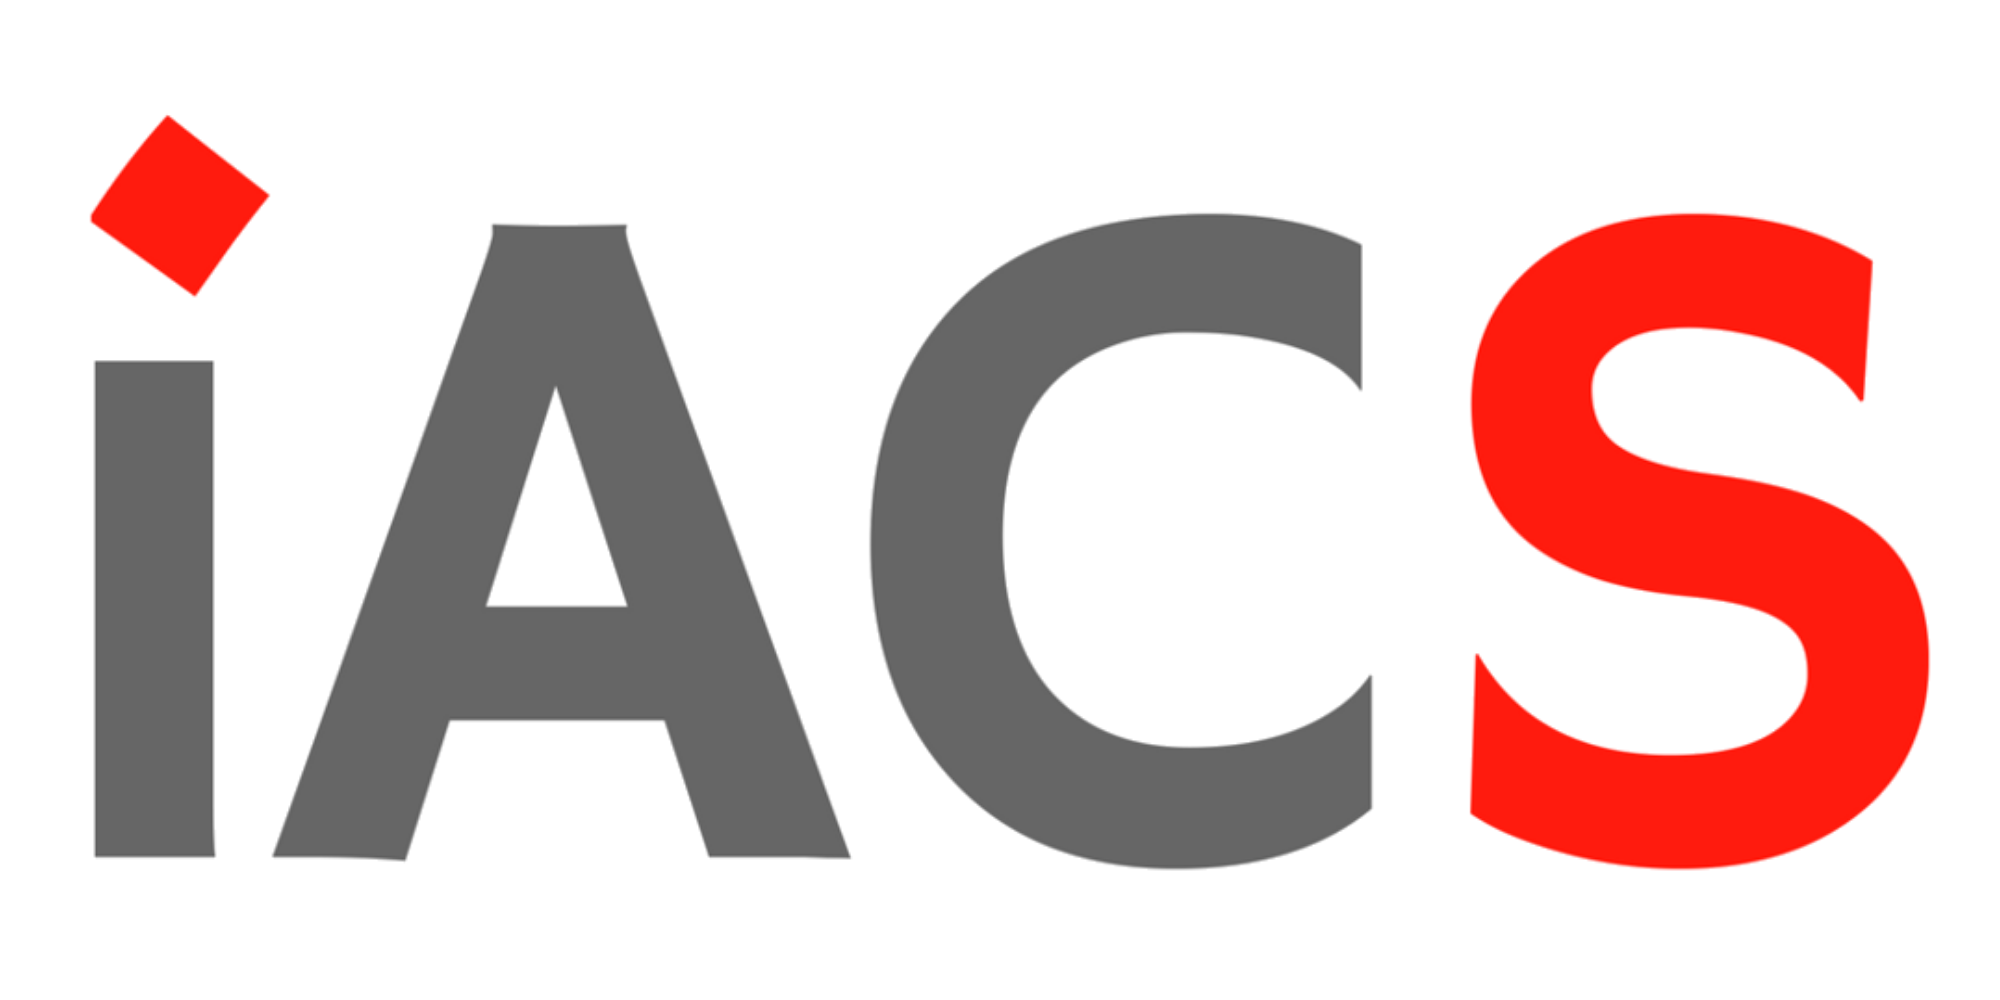 iACS a trademark of Lanzani LTD